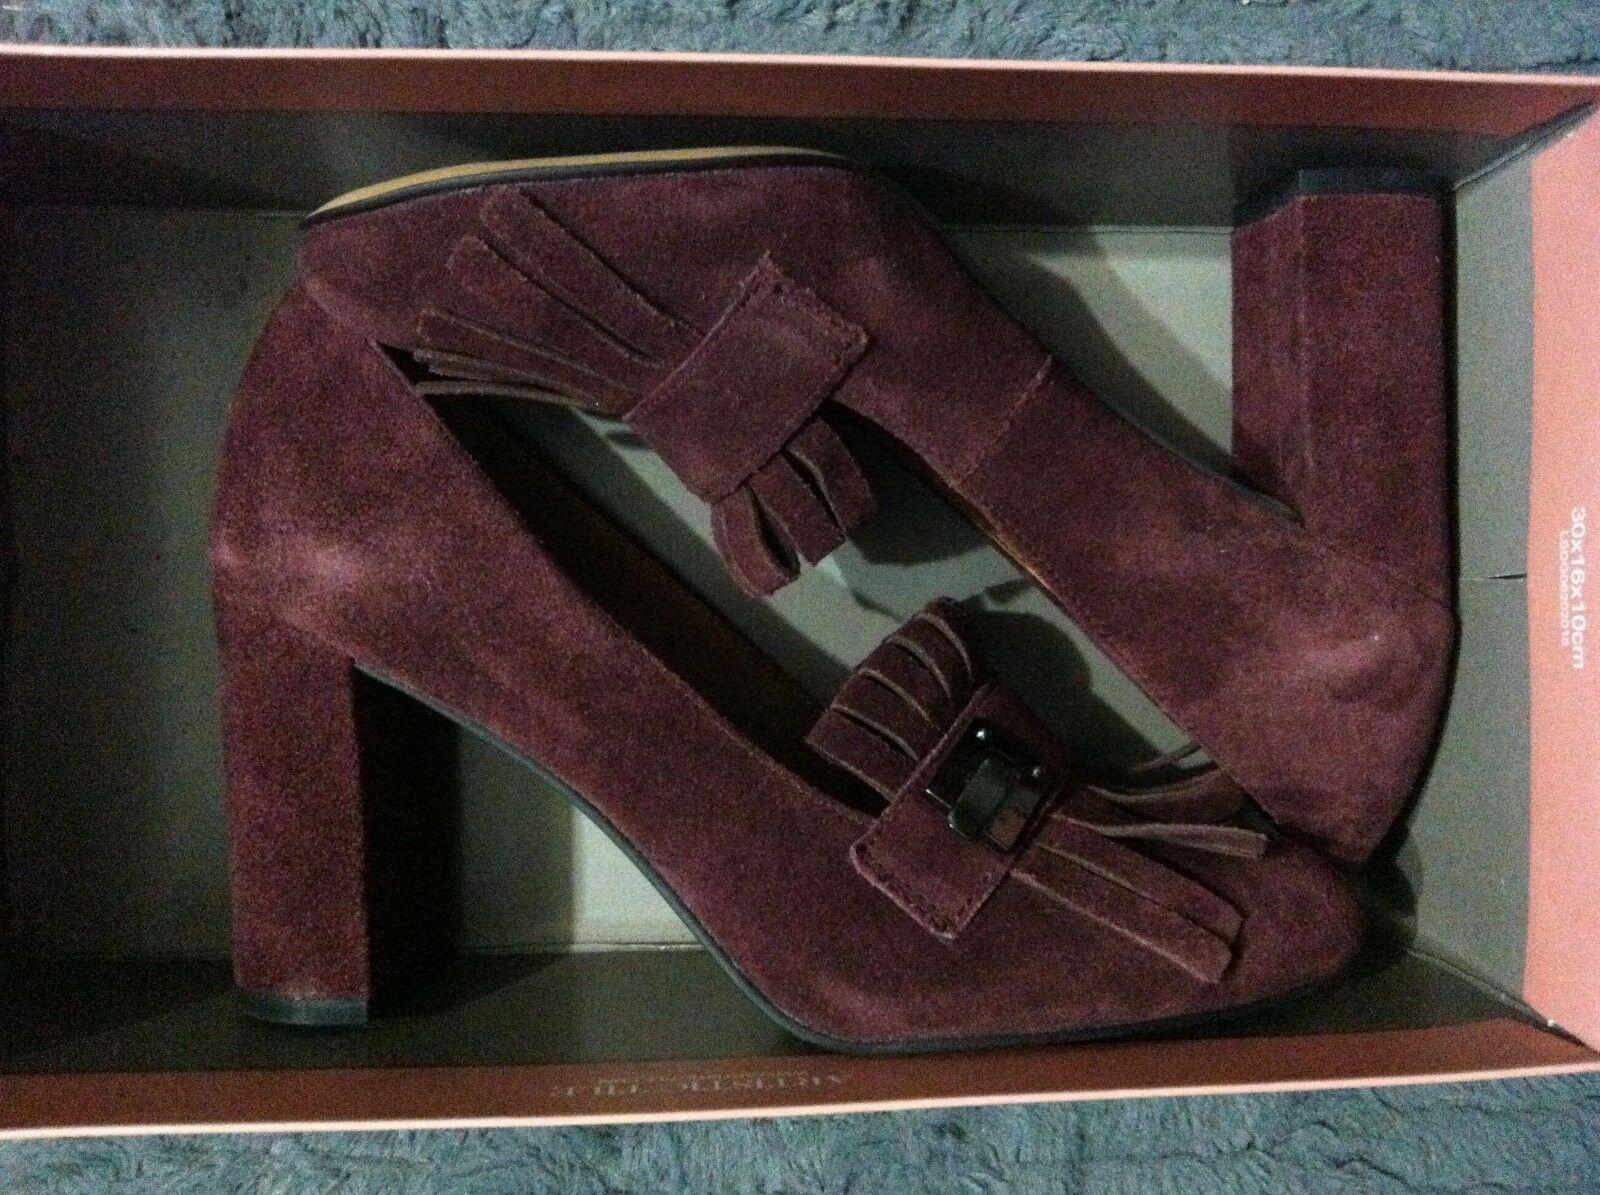 Franco Sarto Mujer Nuevo Piel Borgoña / ante Superior Vestido Zapatos Talla: 6M image 9